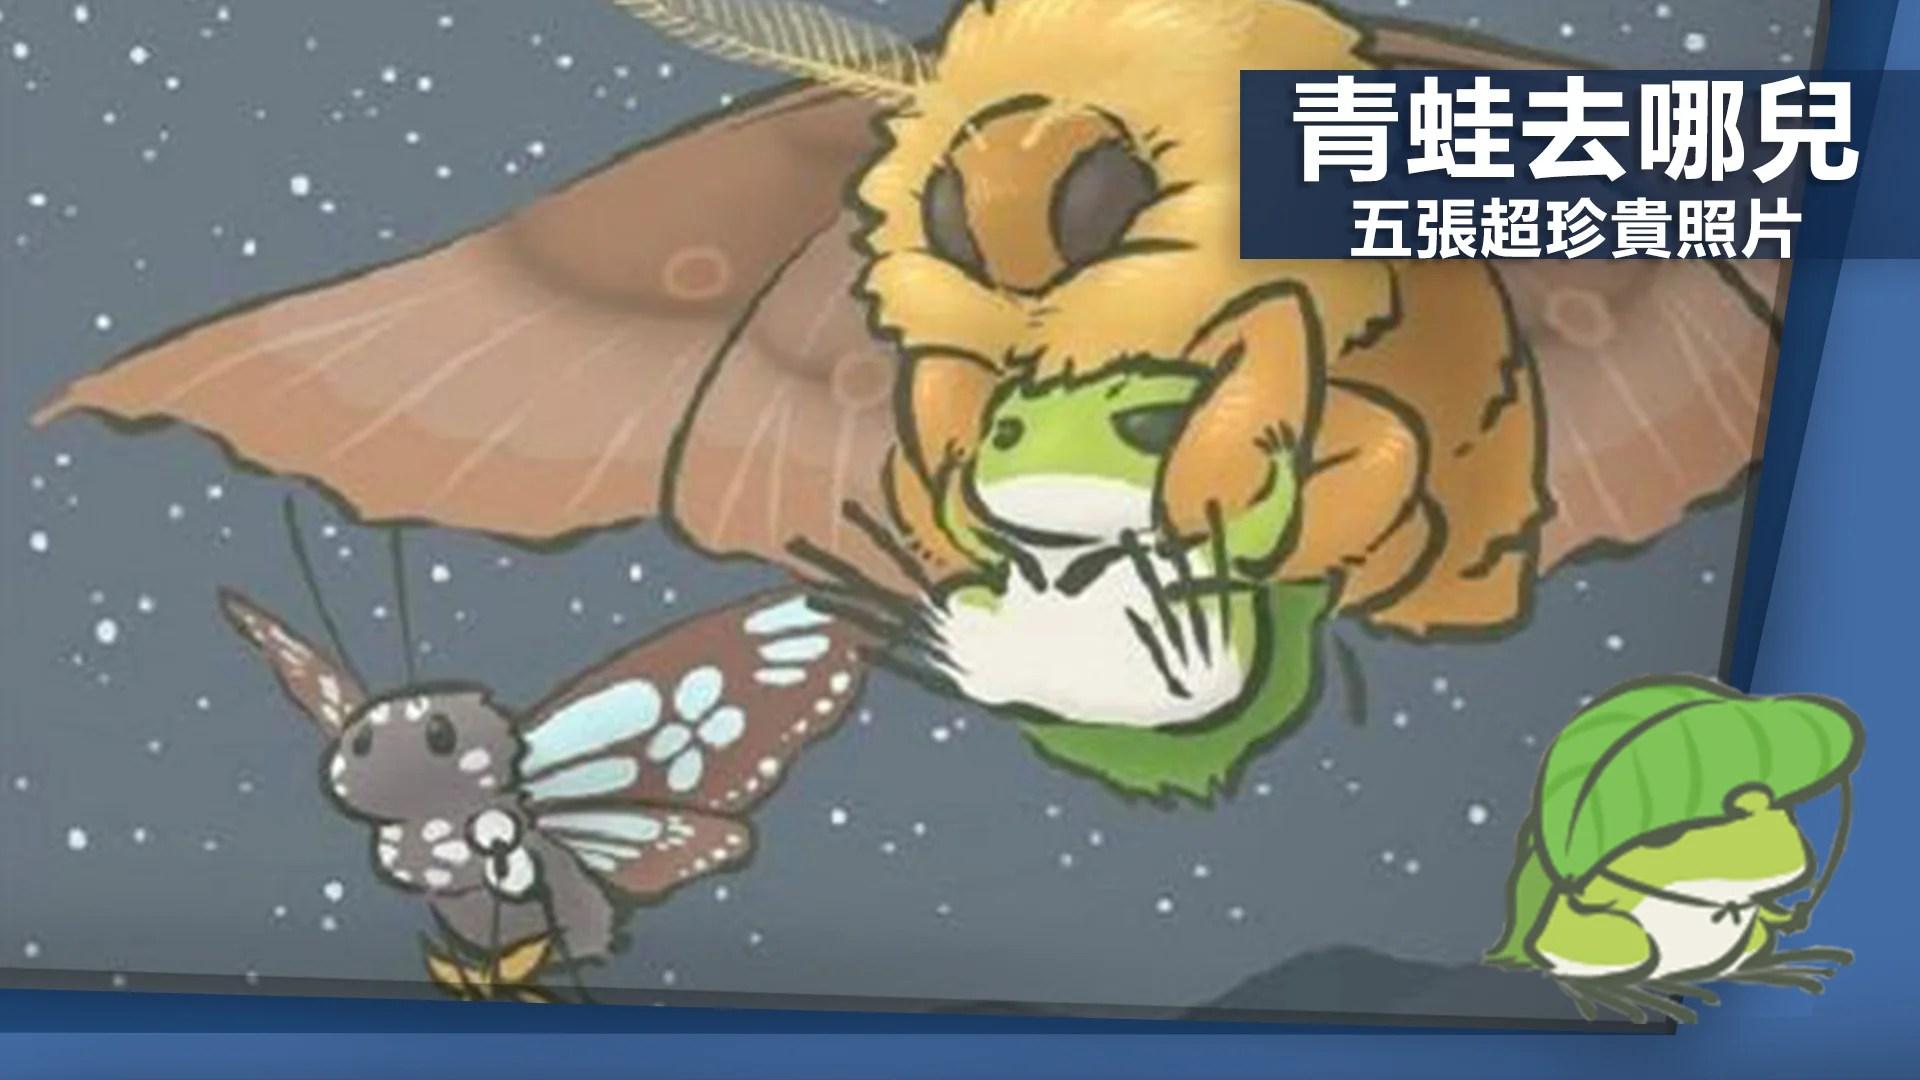 《旅行青蛙》還再玩嗎 最稀有明信片收集到了沒?-EXP.GG